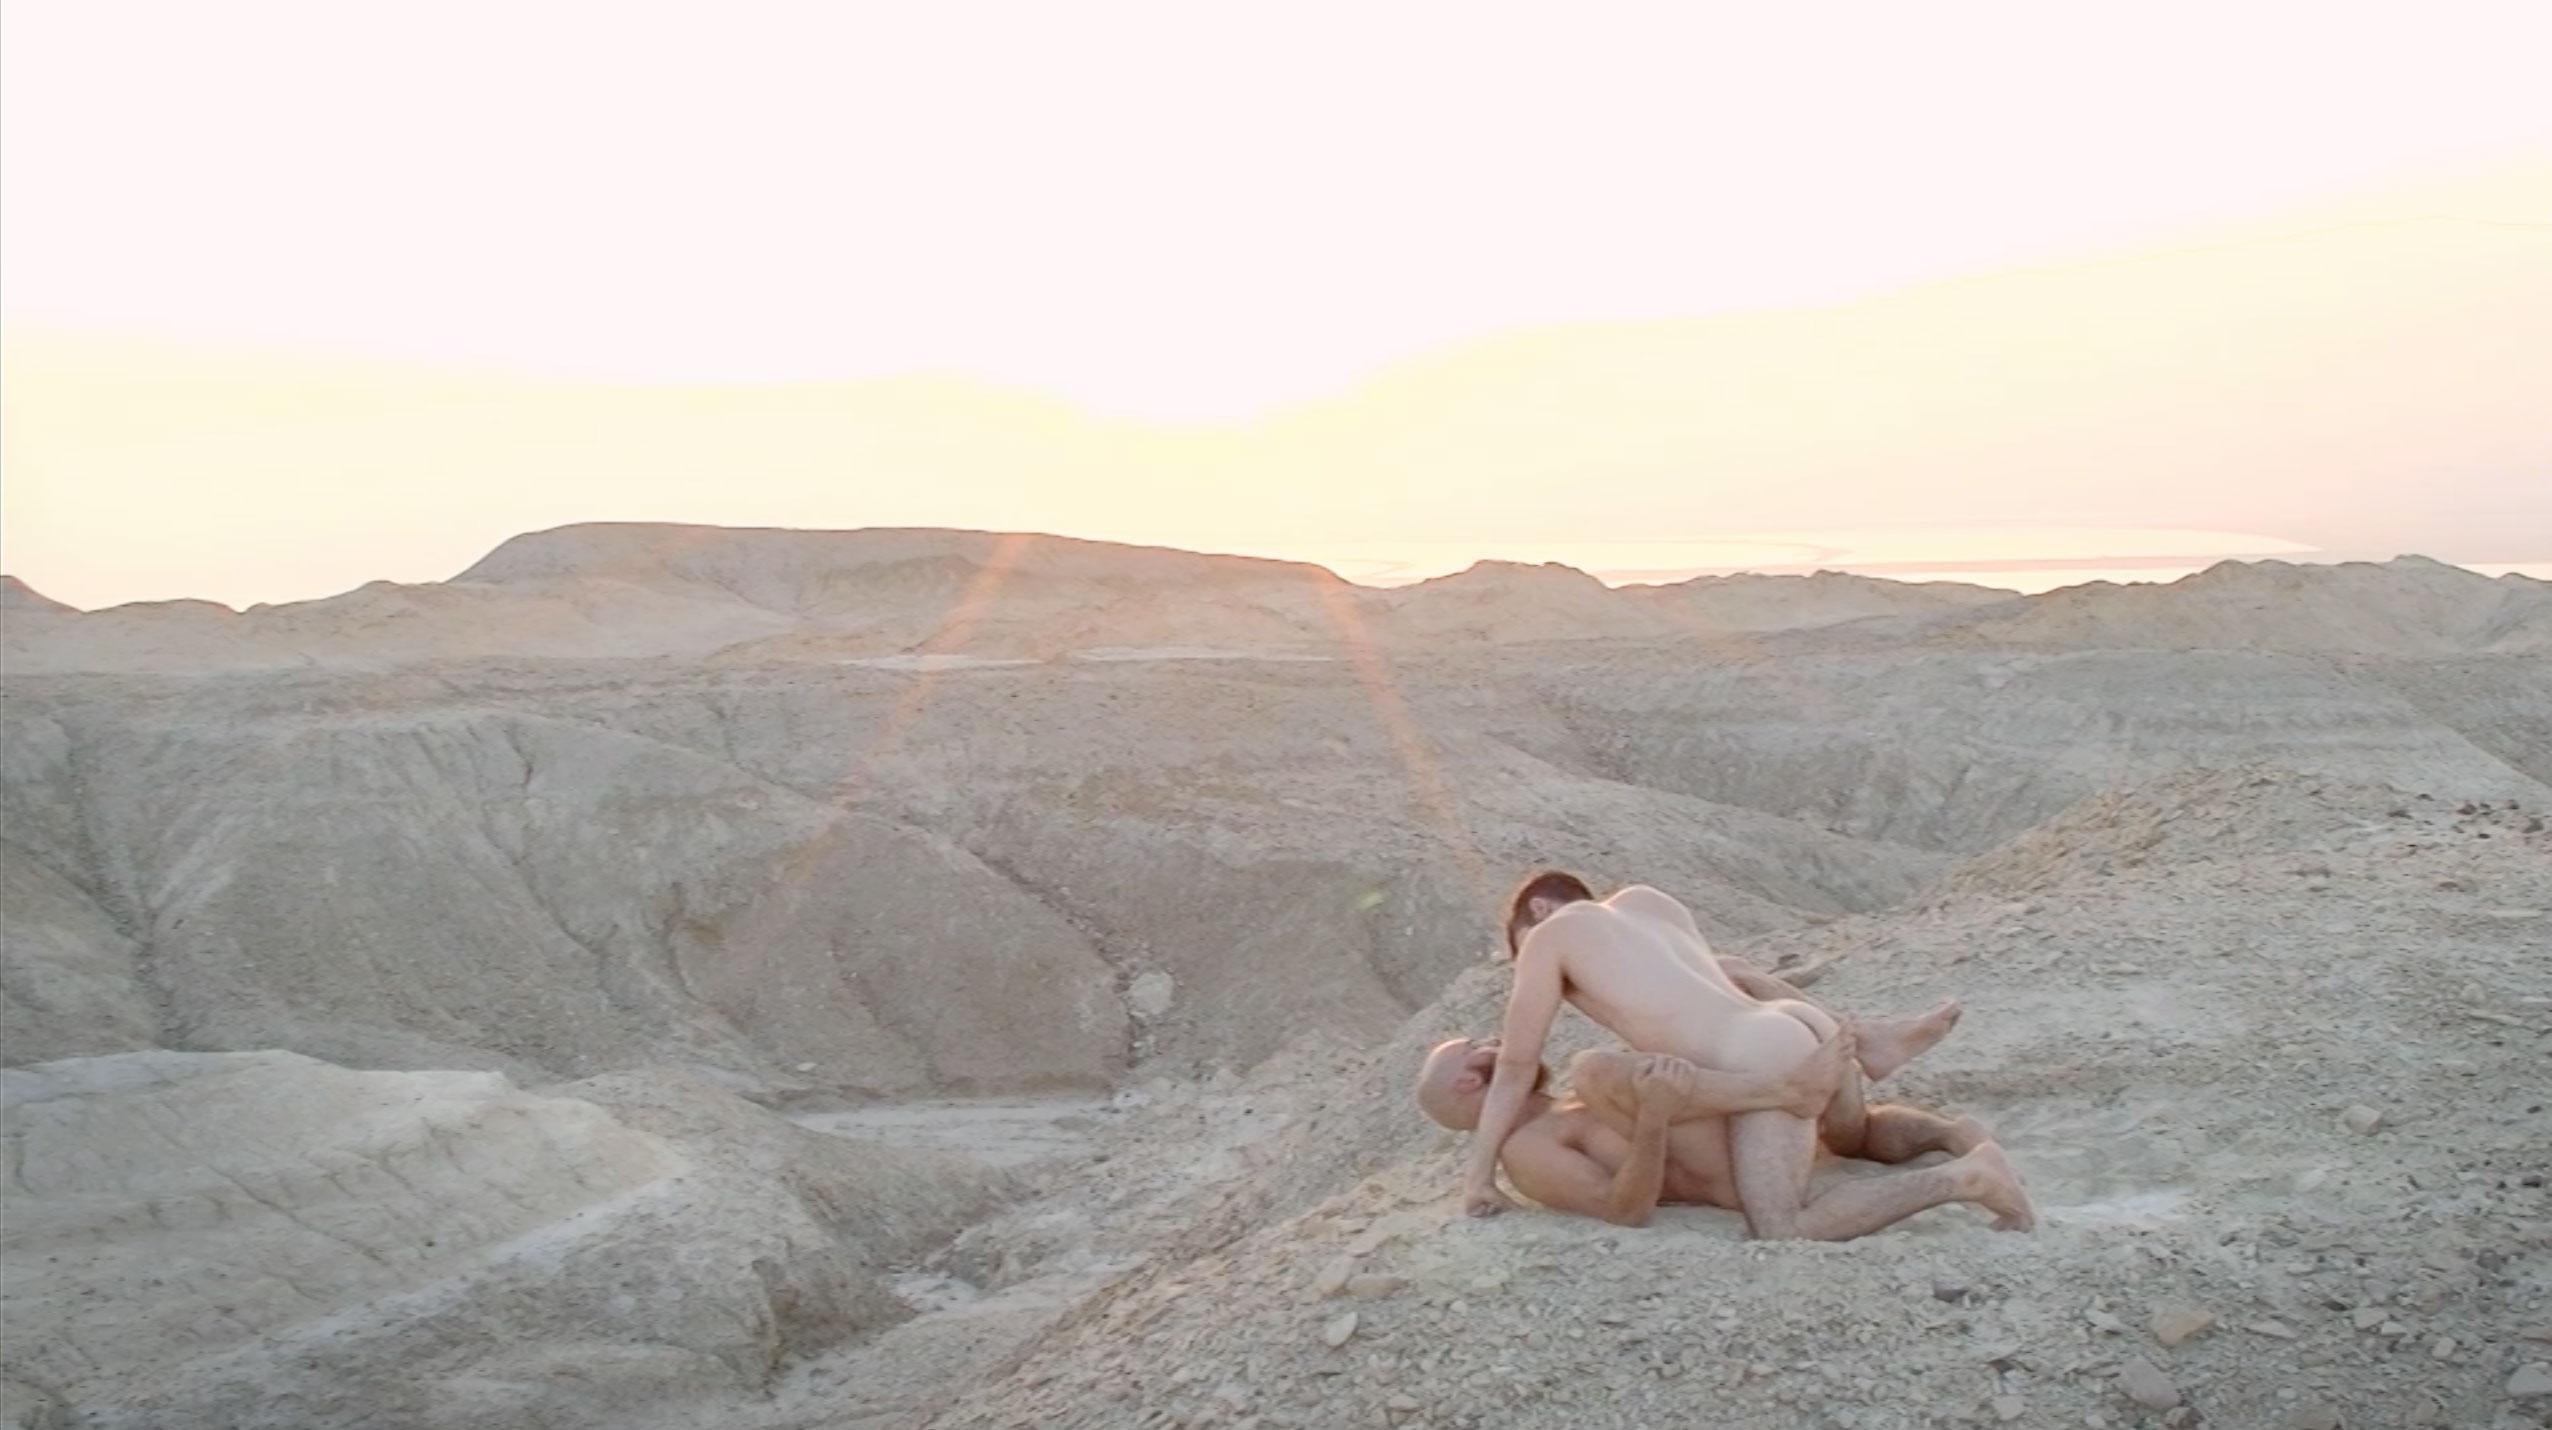 Pánico, película, 2014, proyección de vídeo 3D estereoscópico, color, sonido, 90 minutos